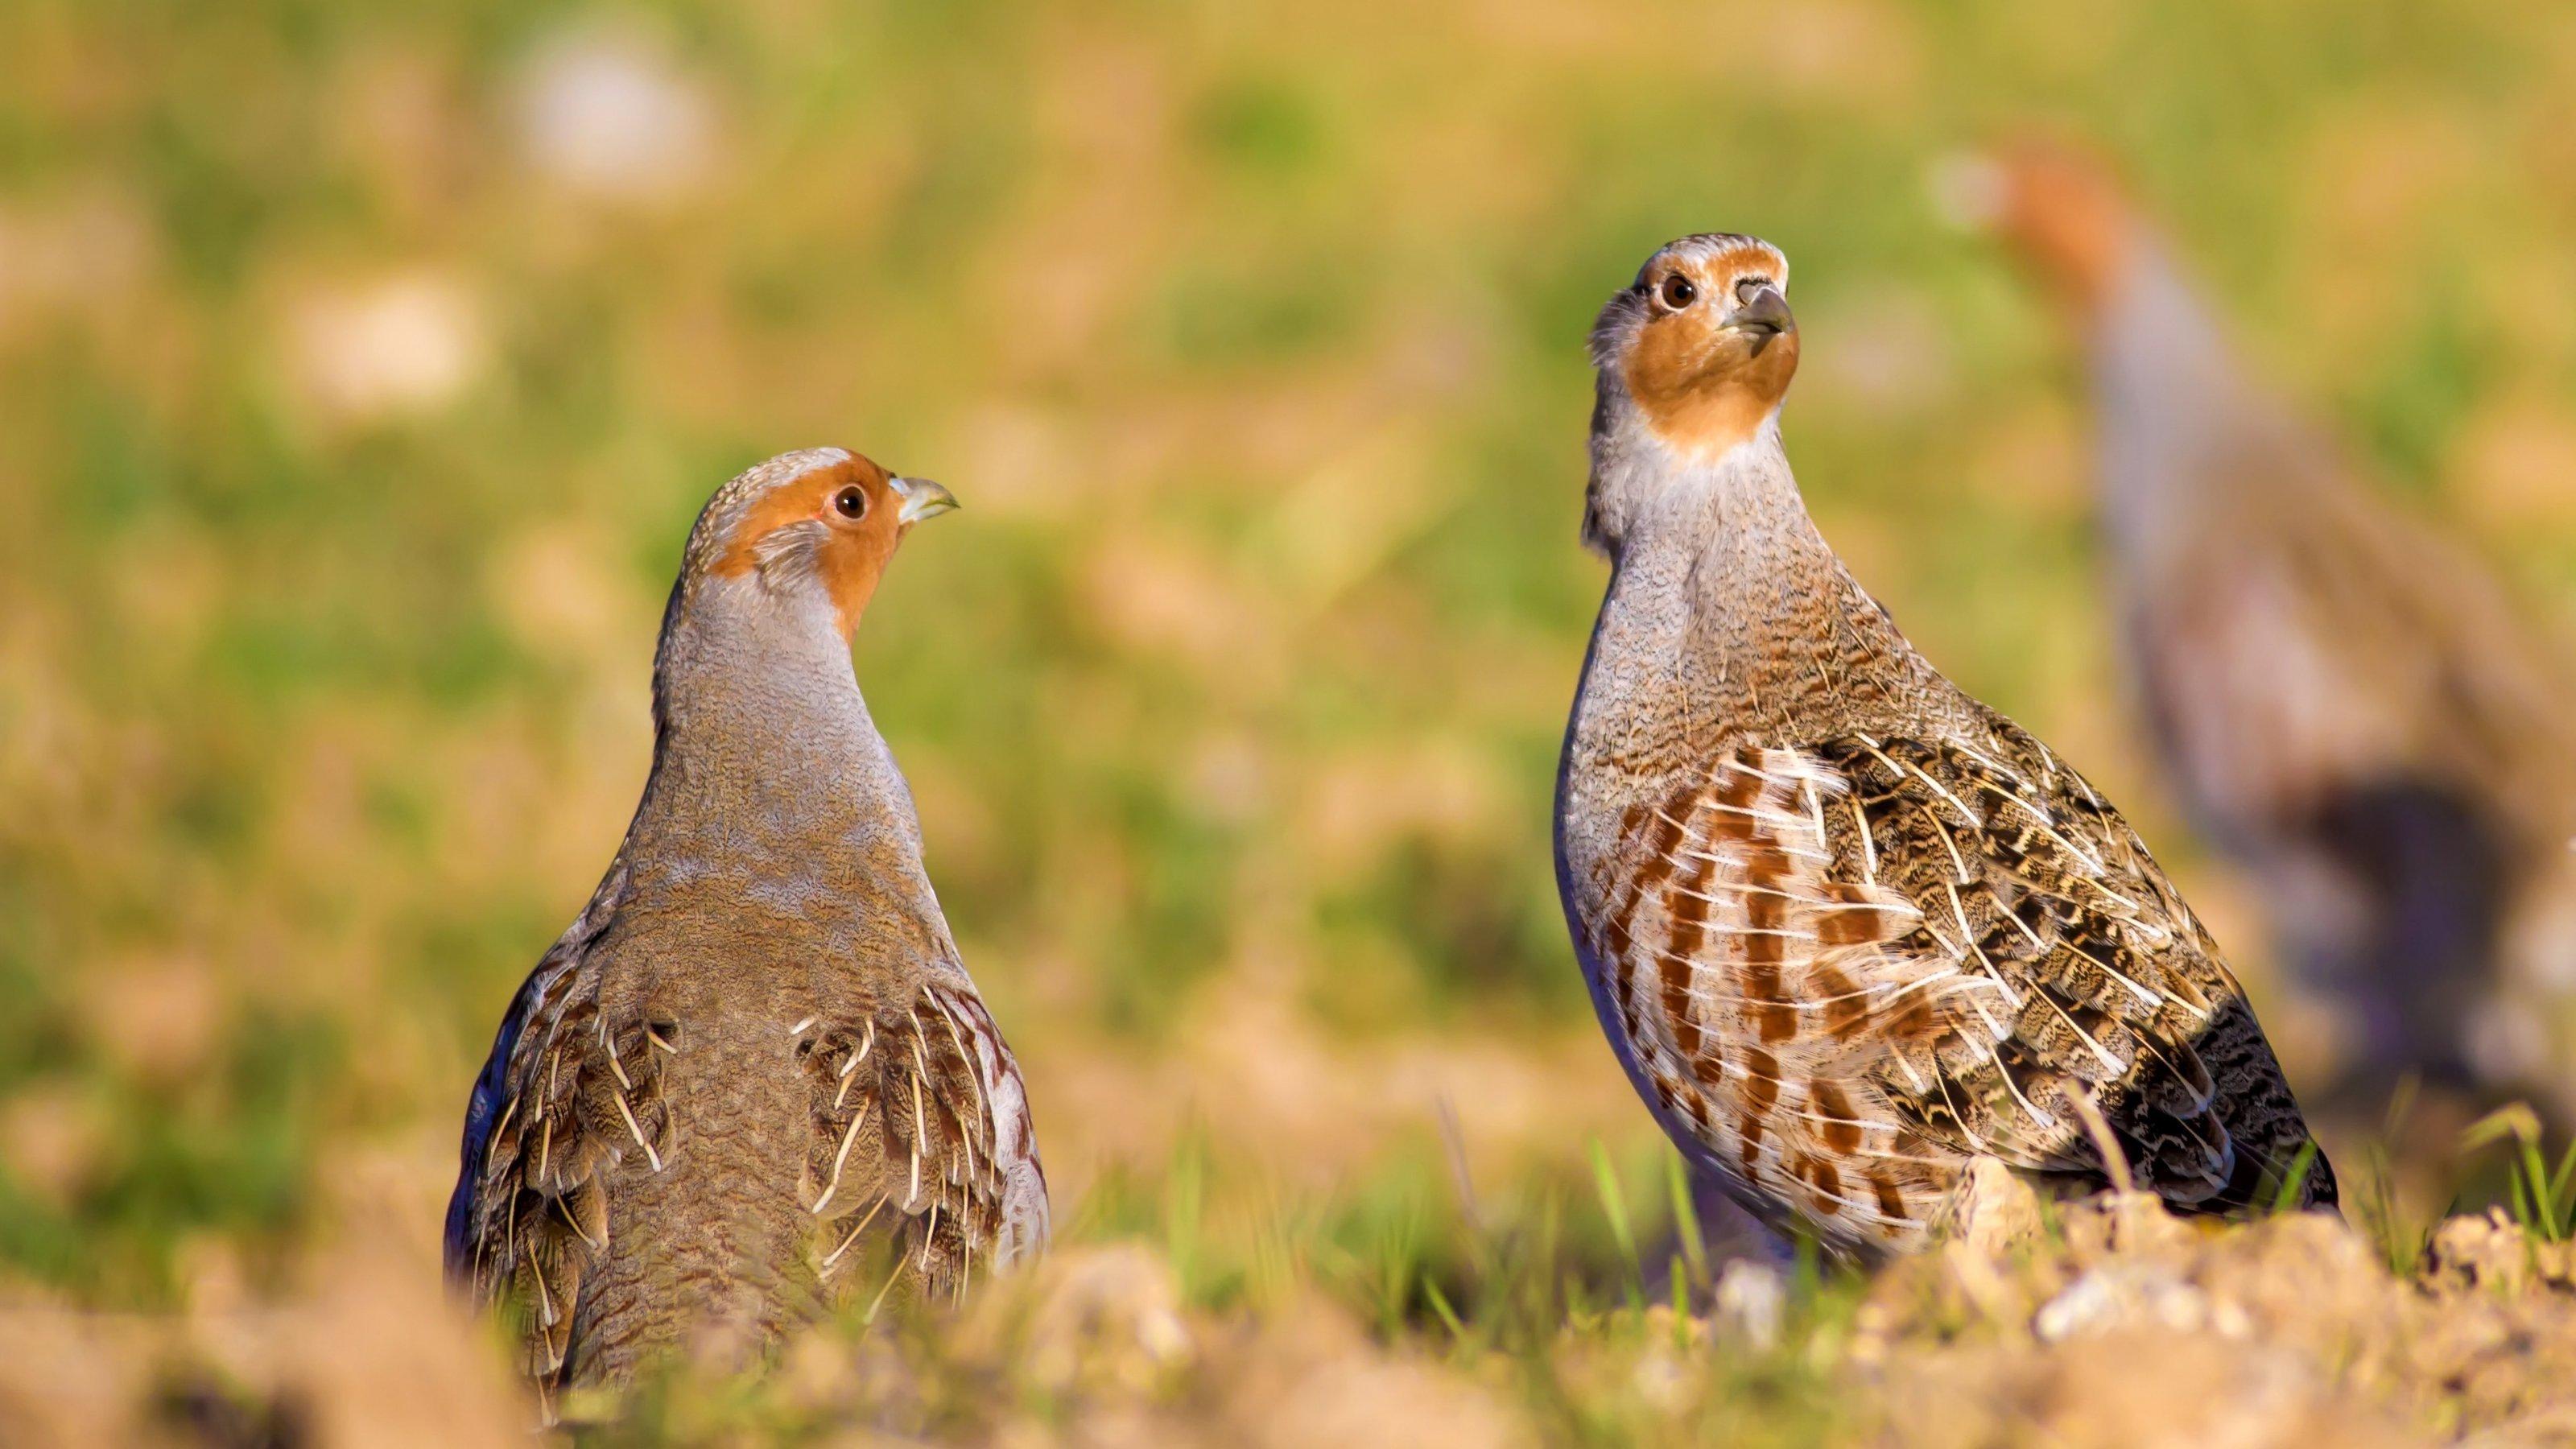 Zwei Rebhühner stehen auf einer Wiese. Im Hintergrund ist ein drittes Rebhuhn zu erkennen.